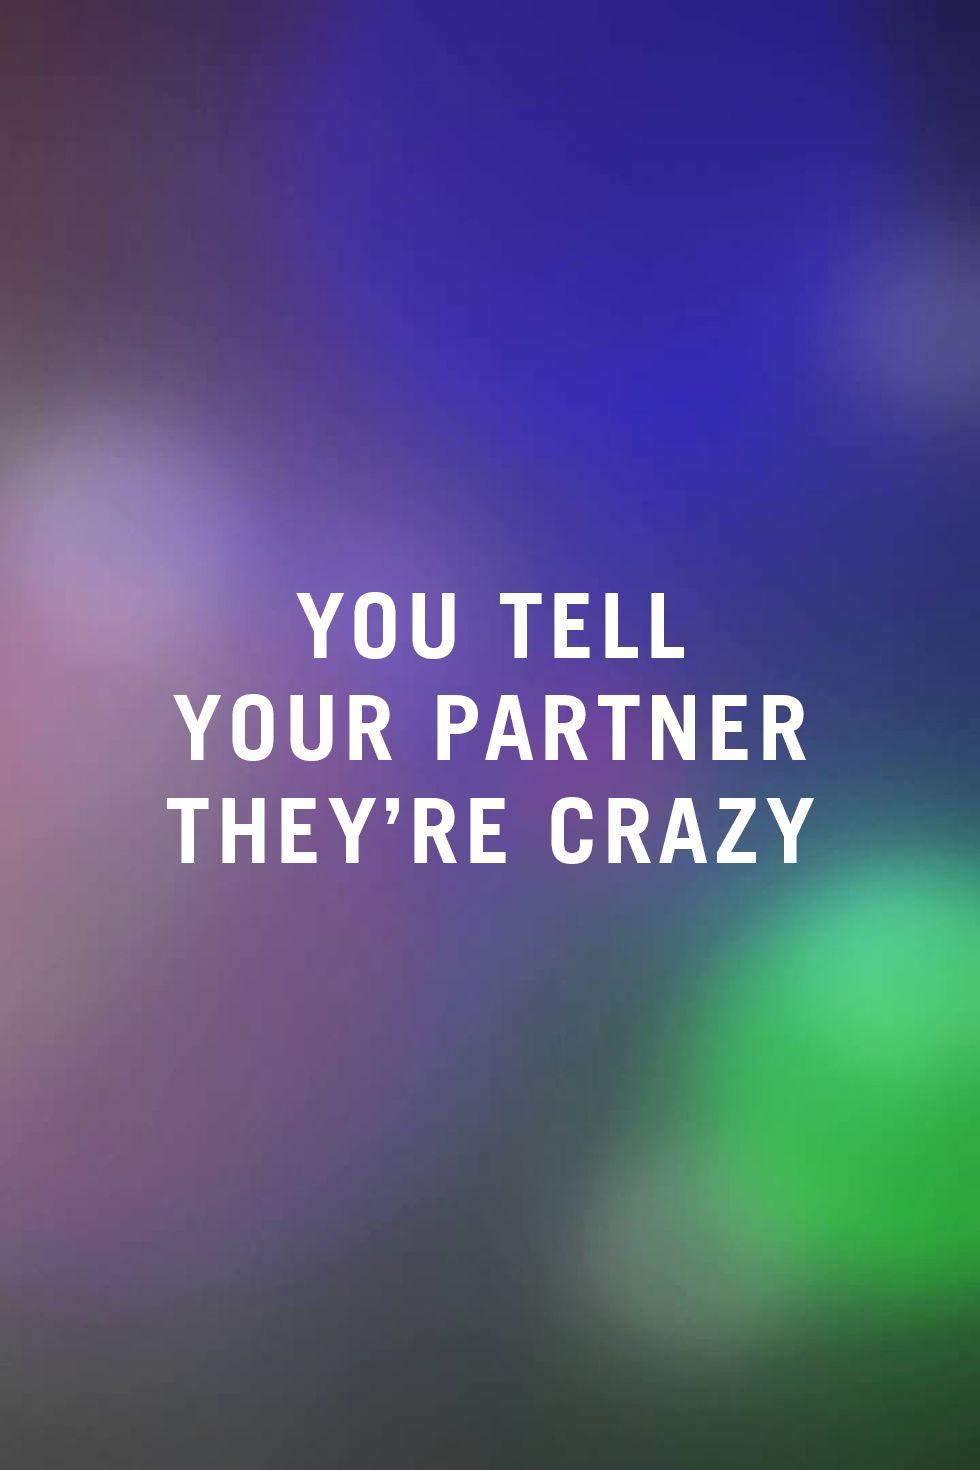 """<p>«Un modo per sabotare la relazione è quellodi fare giochetti mentali. Uno tipico consiste nelmettere il partner nelle condizioni di sentirsi """"fuori di testa"""".Anche se non lo fai apposta,dirgli che il suo punto di vista e il suo modo di vivere la realtà non sono validipuò avere conseguenze molto negative sia su di te, sia sullarelazione».<br><em data-redactor-tag=""""em""""><a href=""""http://www.innovcounseling.com/"""" data-tracking-id=""""recirc-text-link"""" target=""""_blank"""">Mayi Dixon</a>,</em><em data-redactor-tag=""""em"""">esperta di relazioni</em></p><p><span class=""""redactor-invisible-space"""" data-verified=""""redactor"""" data-redactor-tag=""""span"""" data-redactor-class=""""redactor-invisible-space""""></span></p>"""